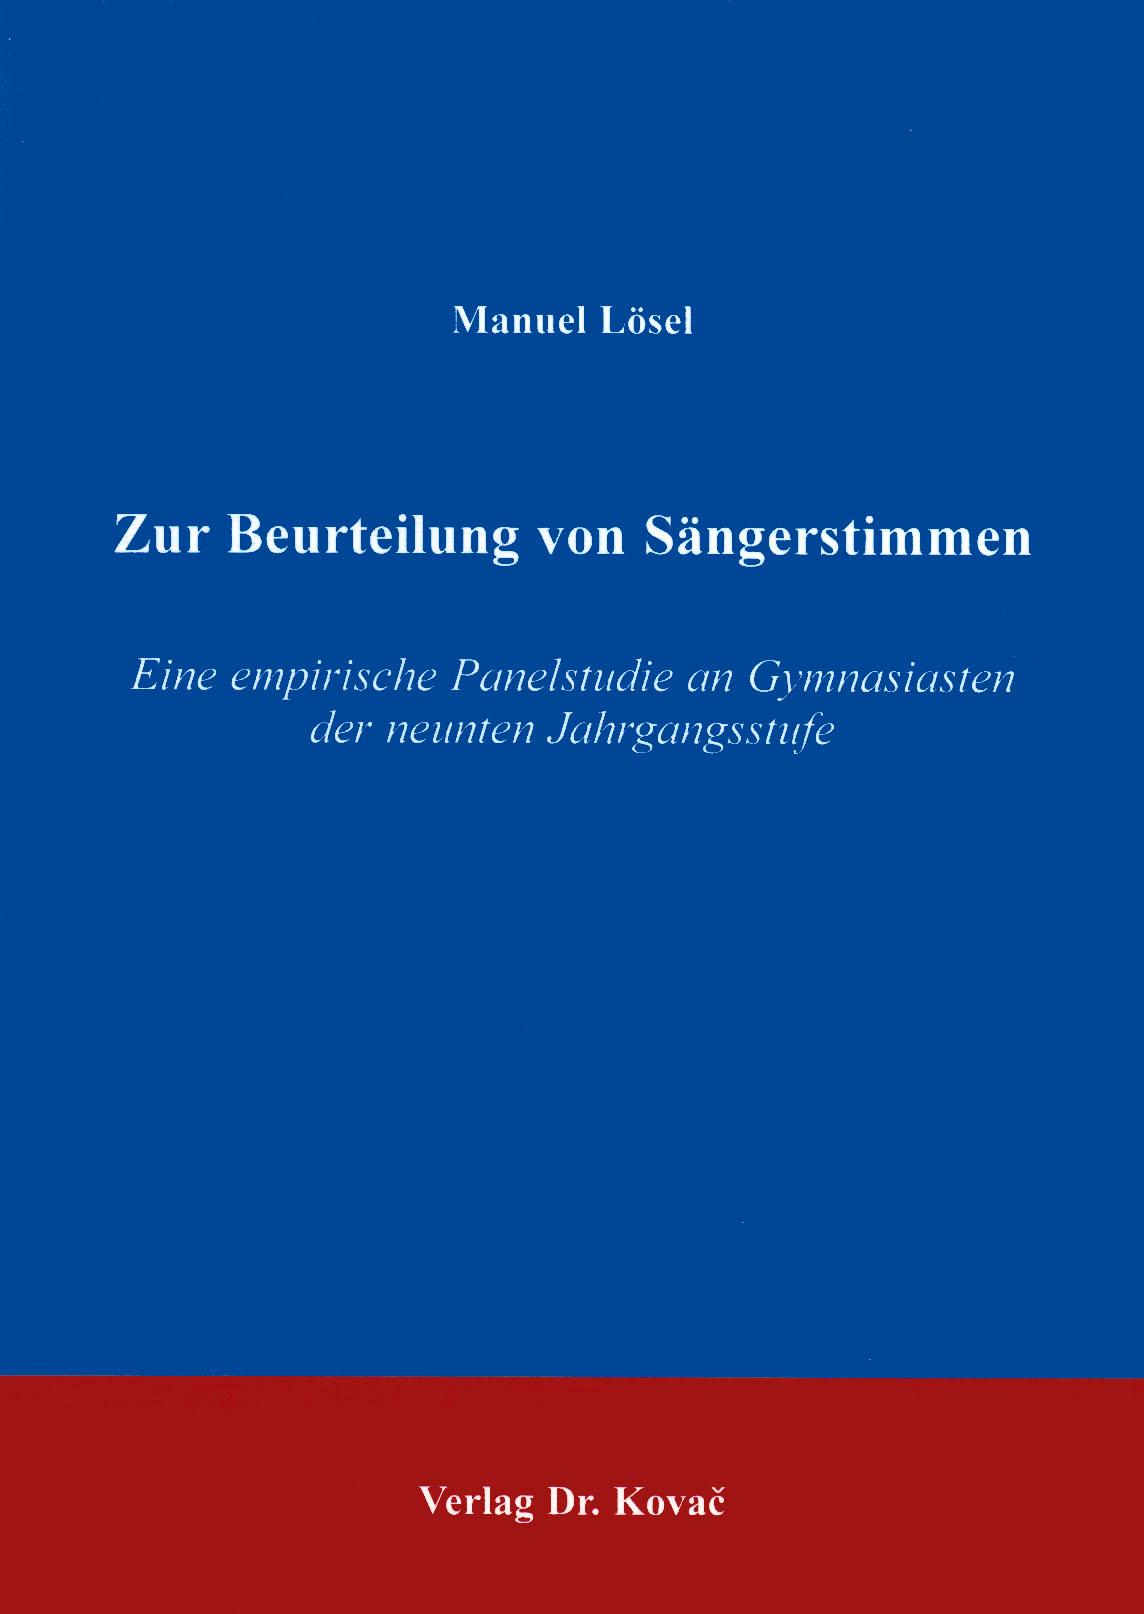 Cover: Zur Beurteilung von Sängerstimmen